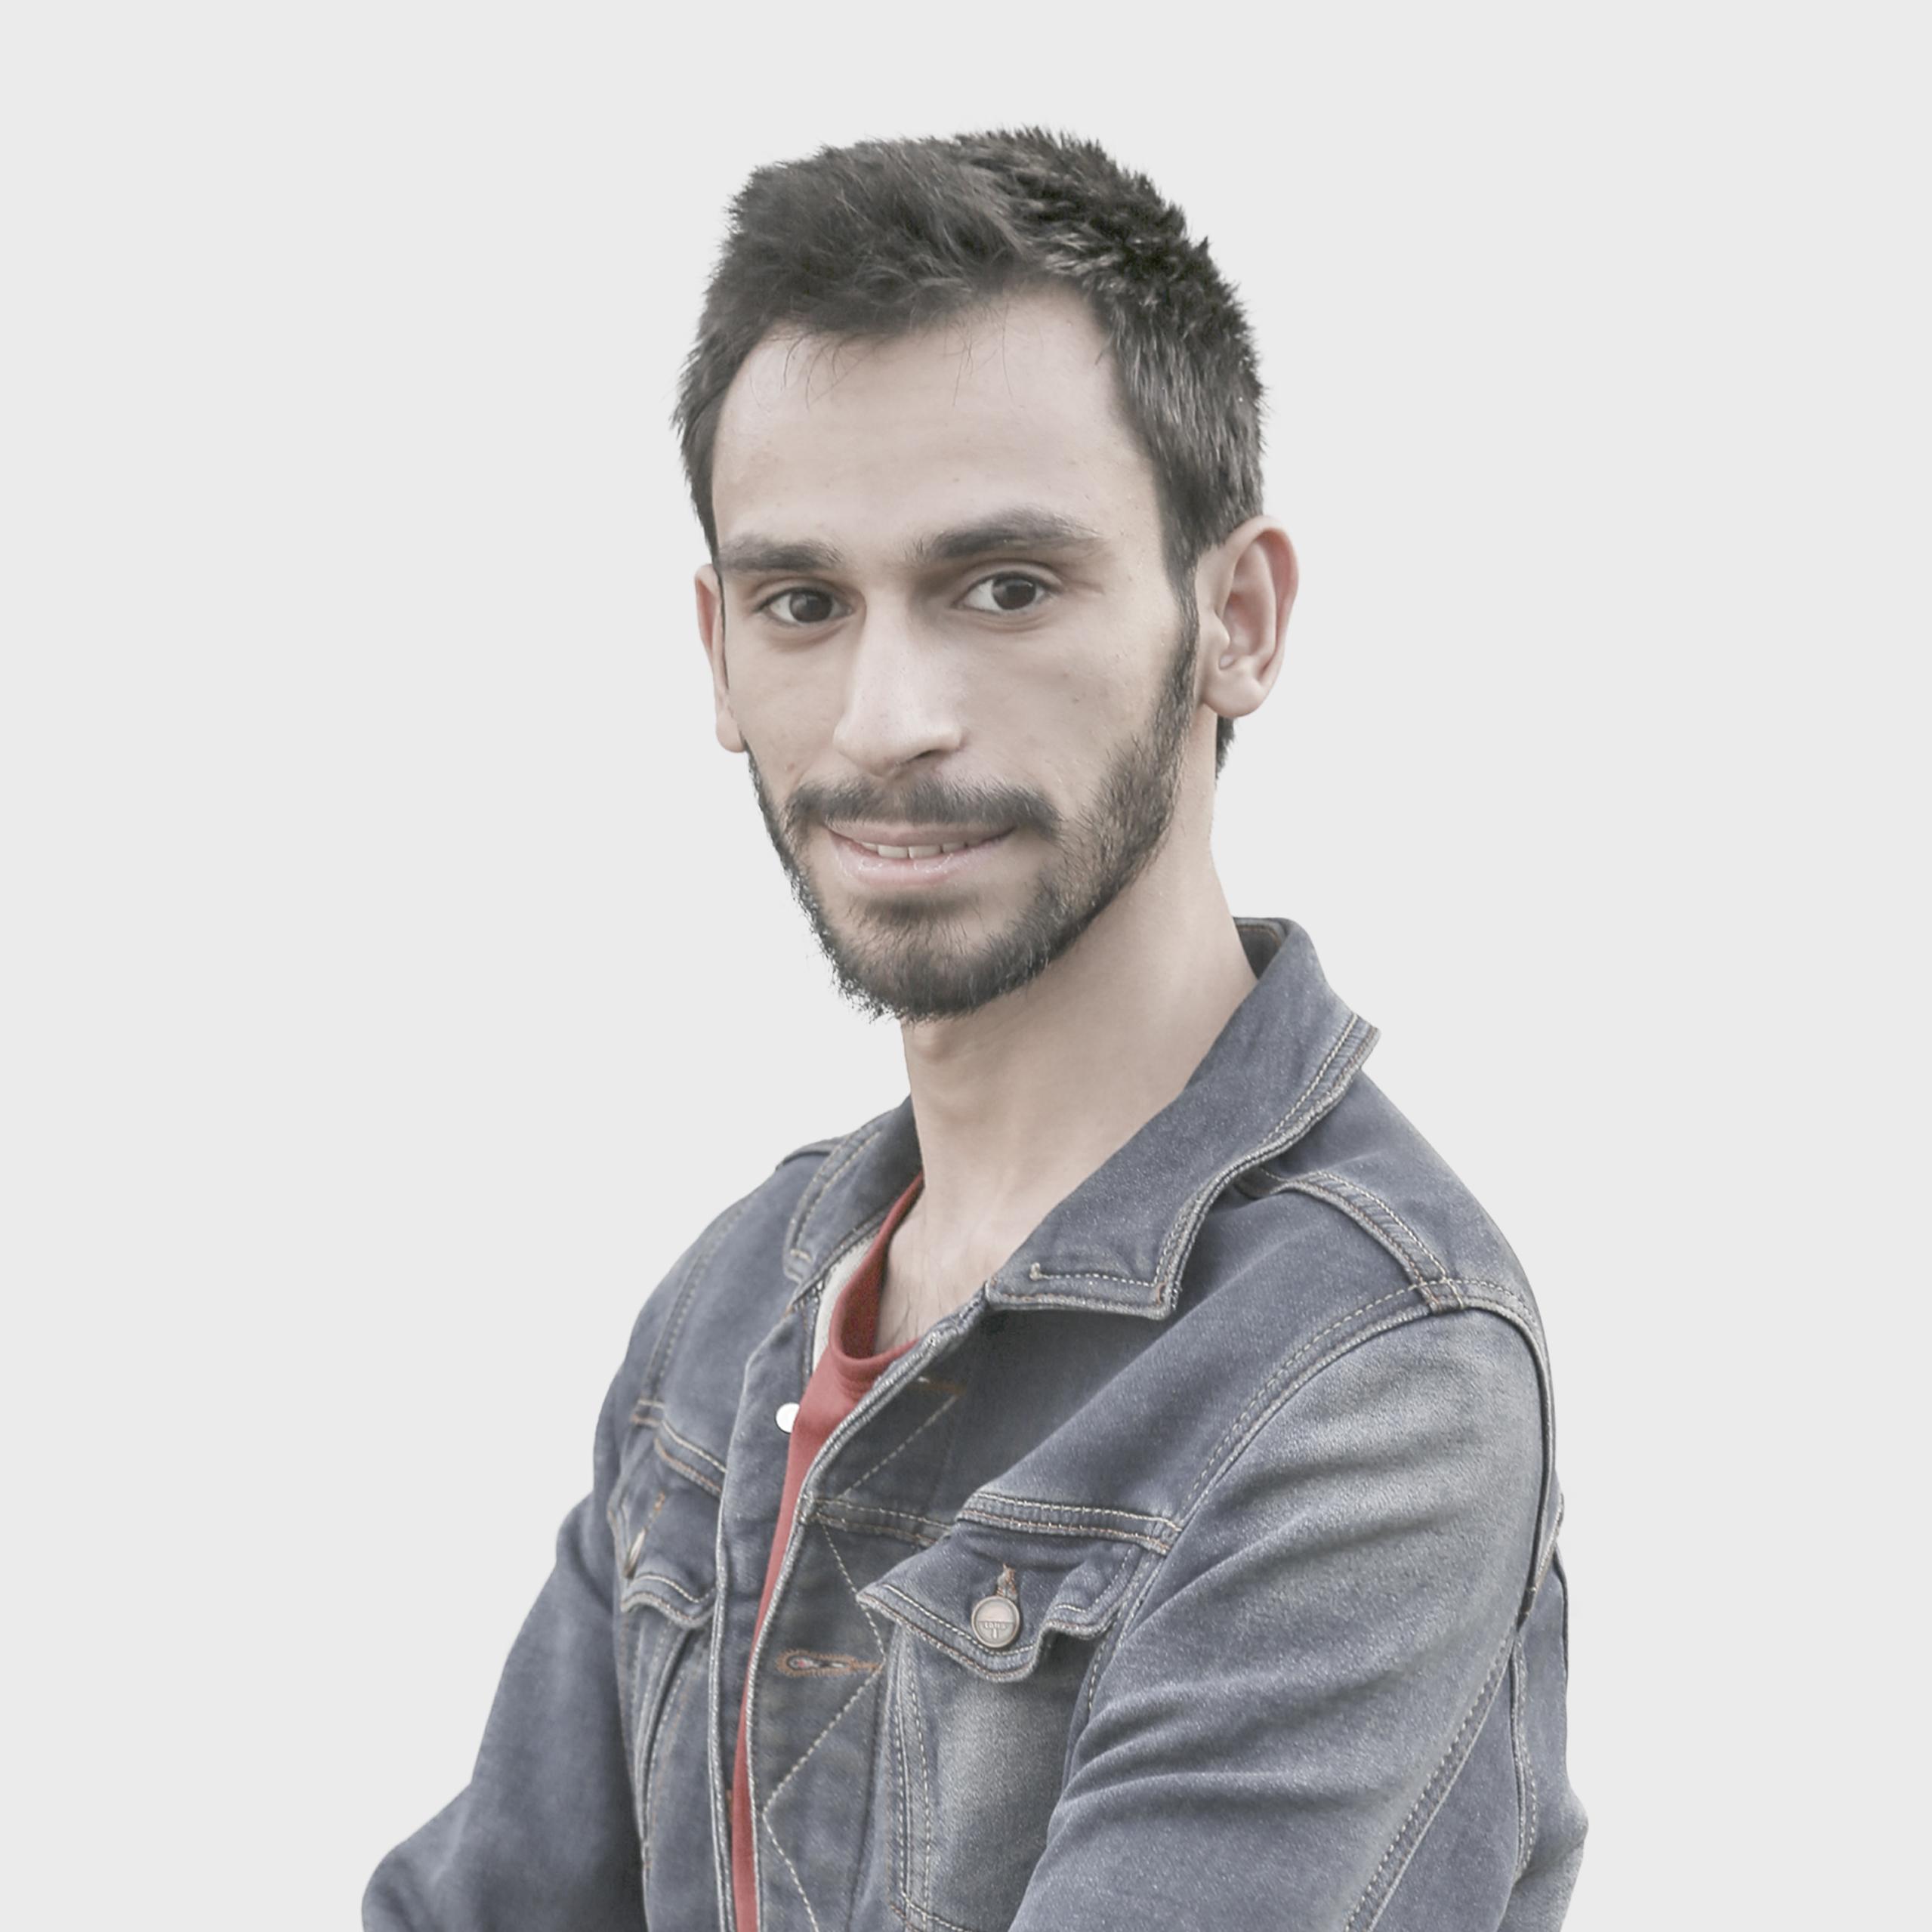 Mahmoud Al-marei